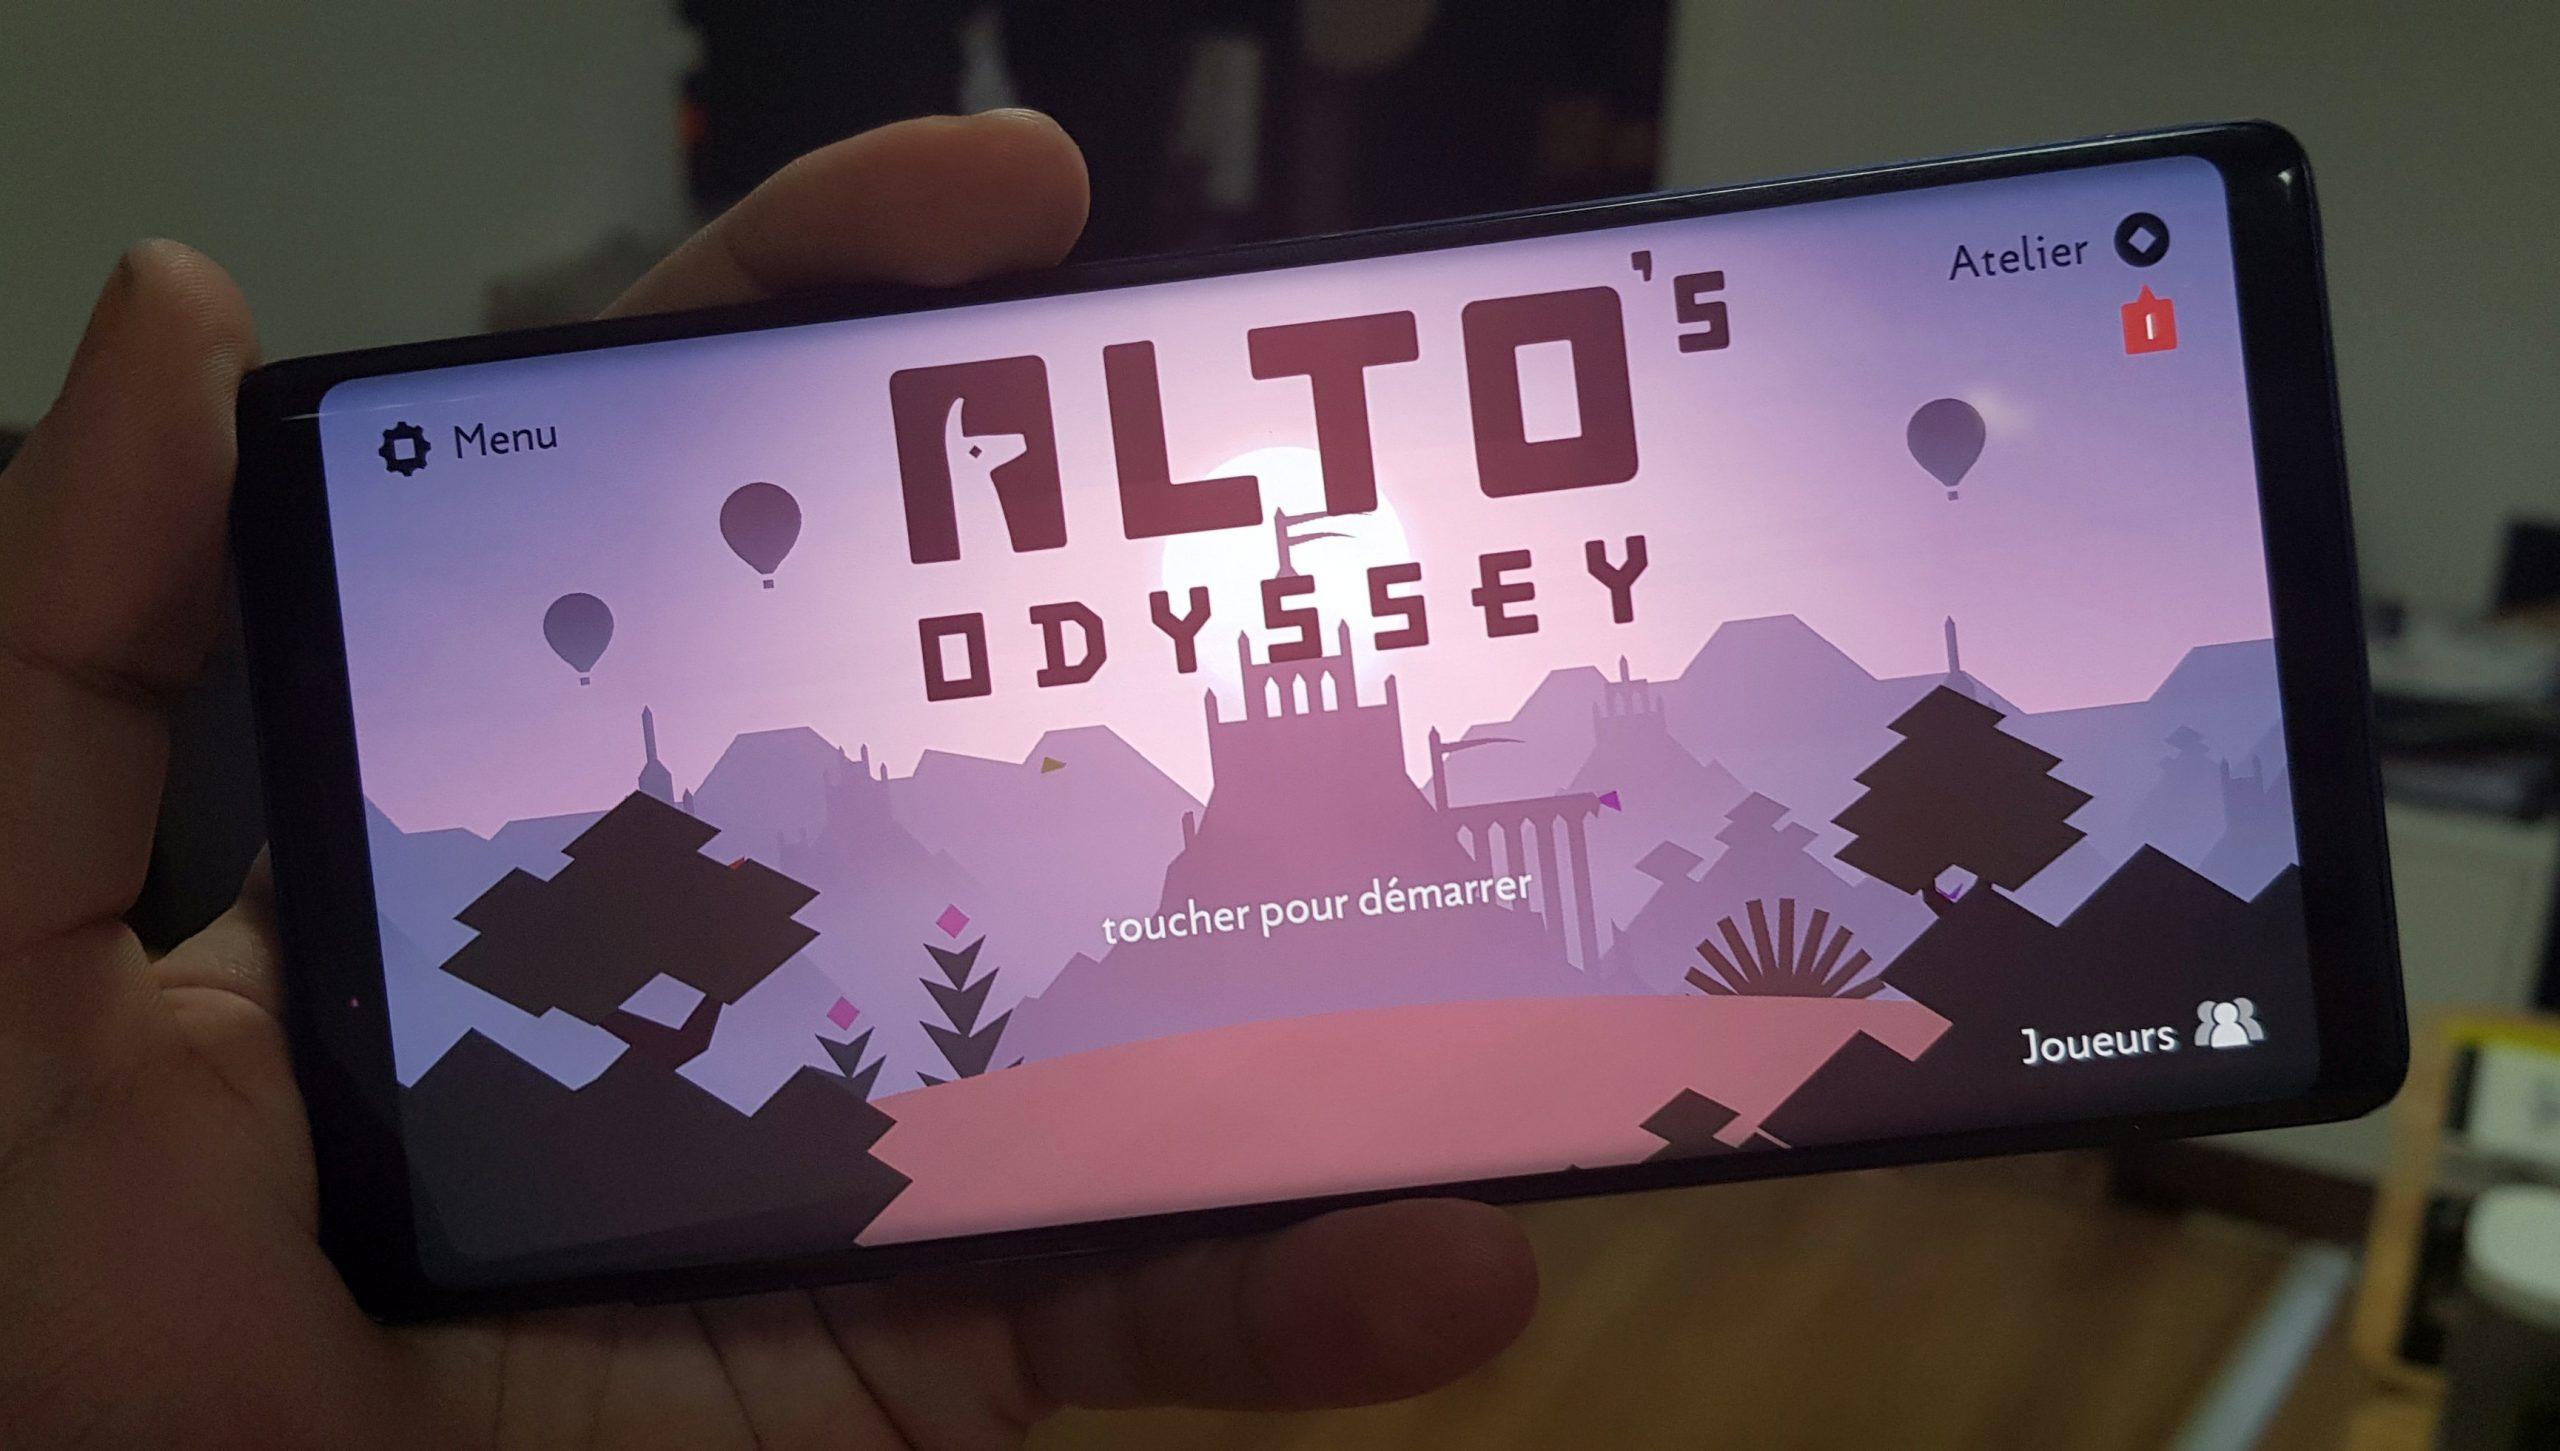 Les Meilleurs Jeux Sans Connexion Sur Android Et Ios En 2020 tout Jouer Puzzle Gratuit